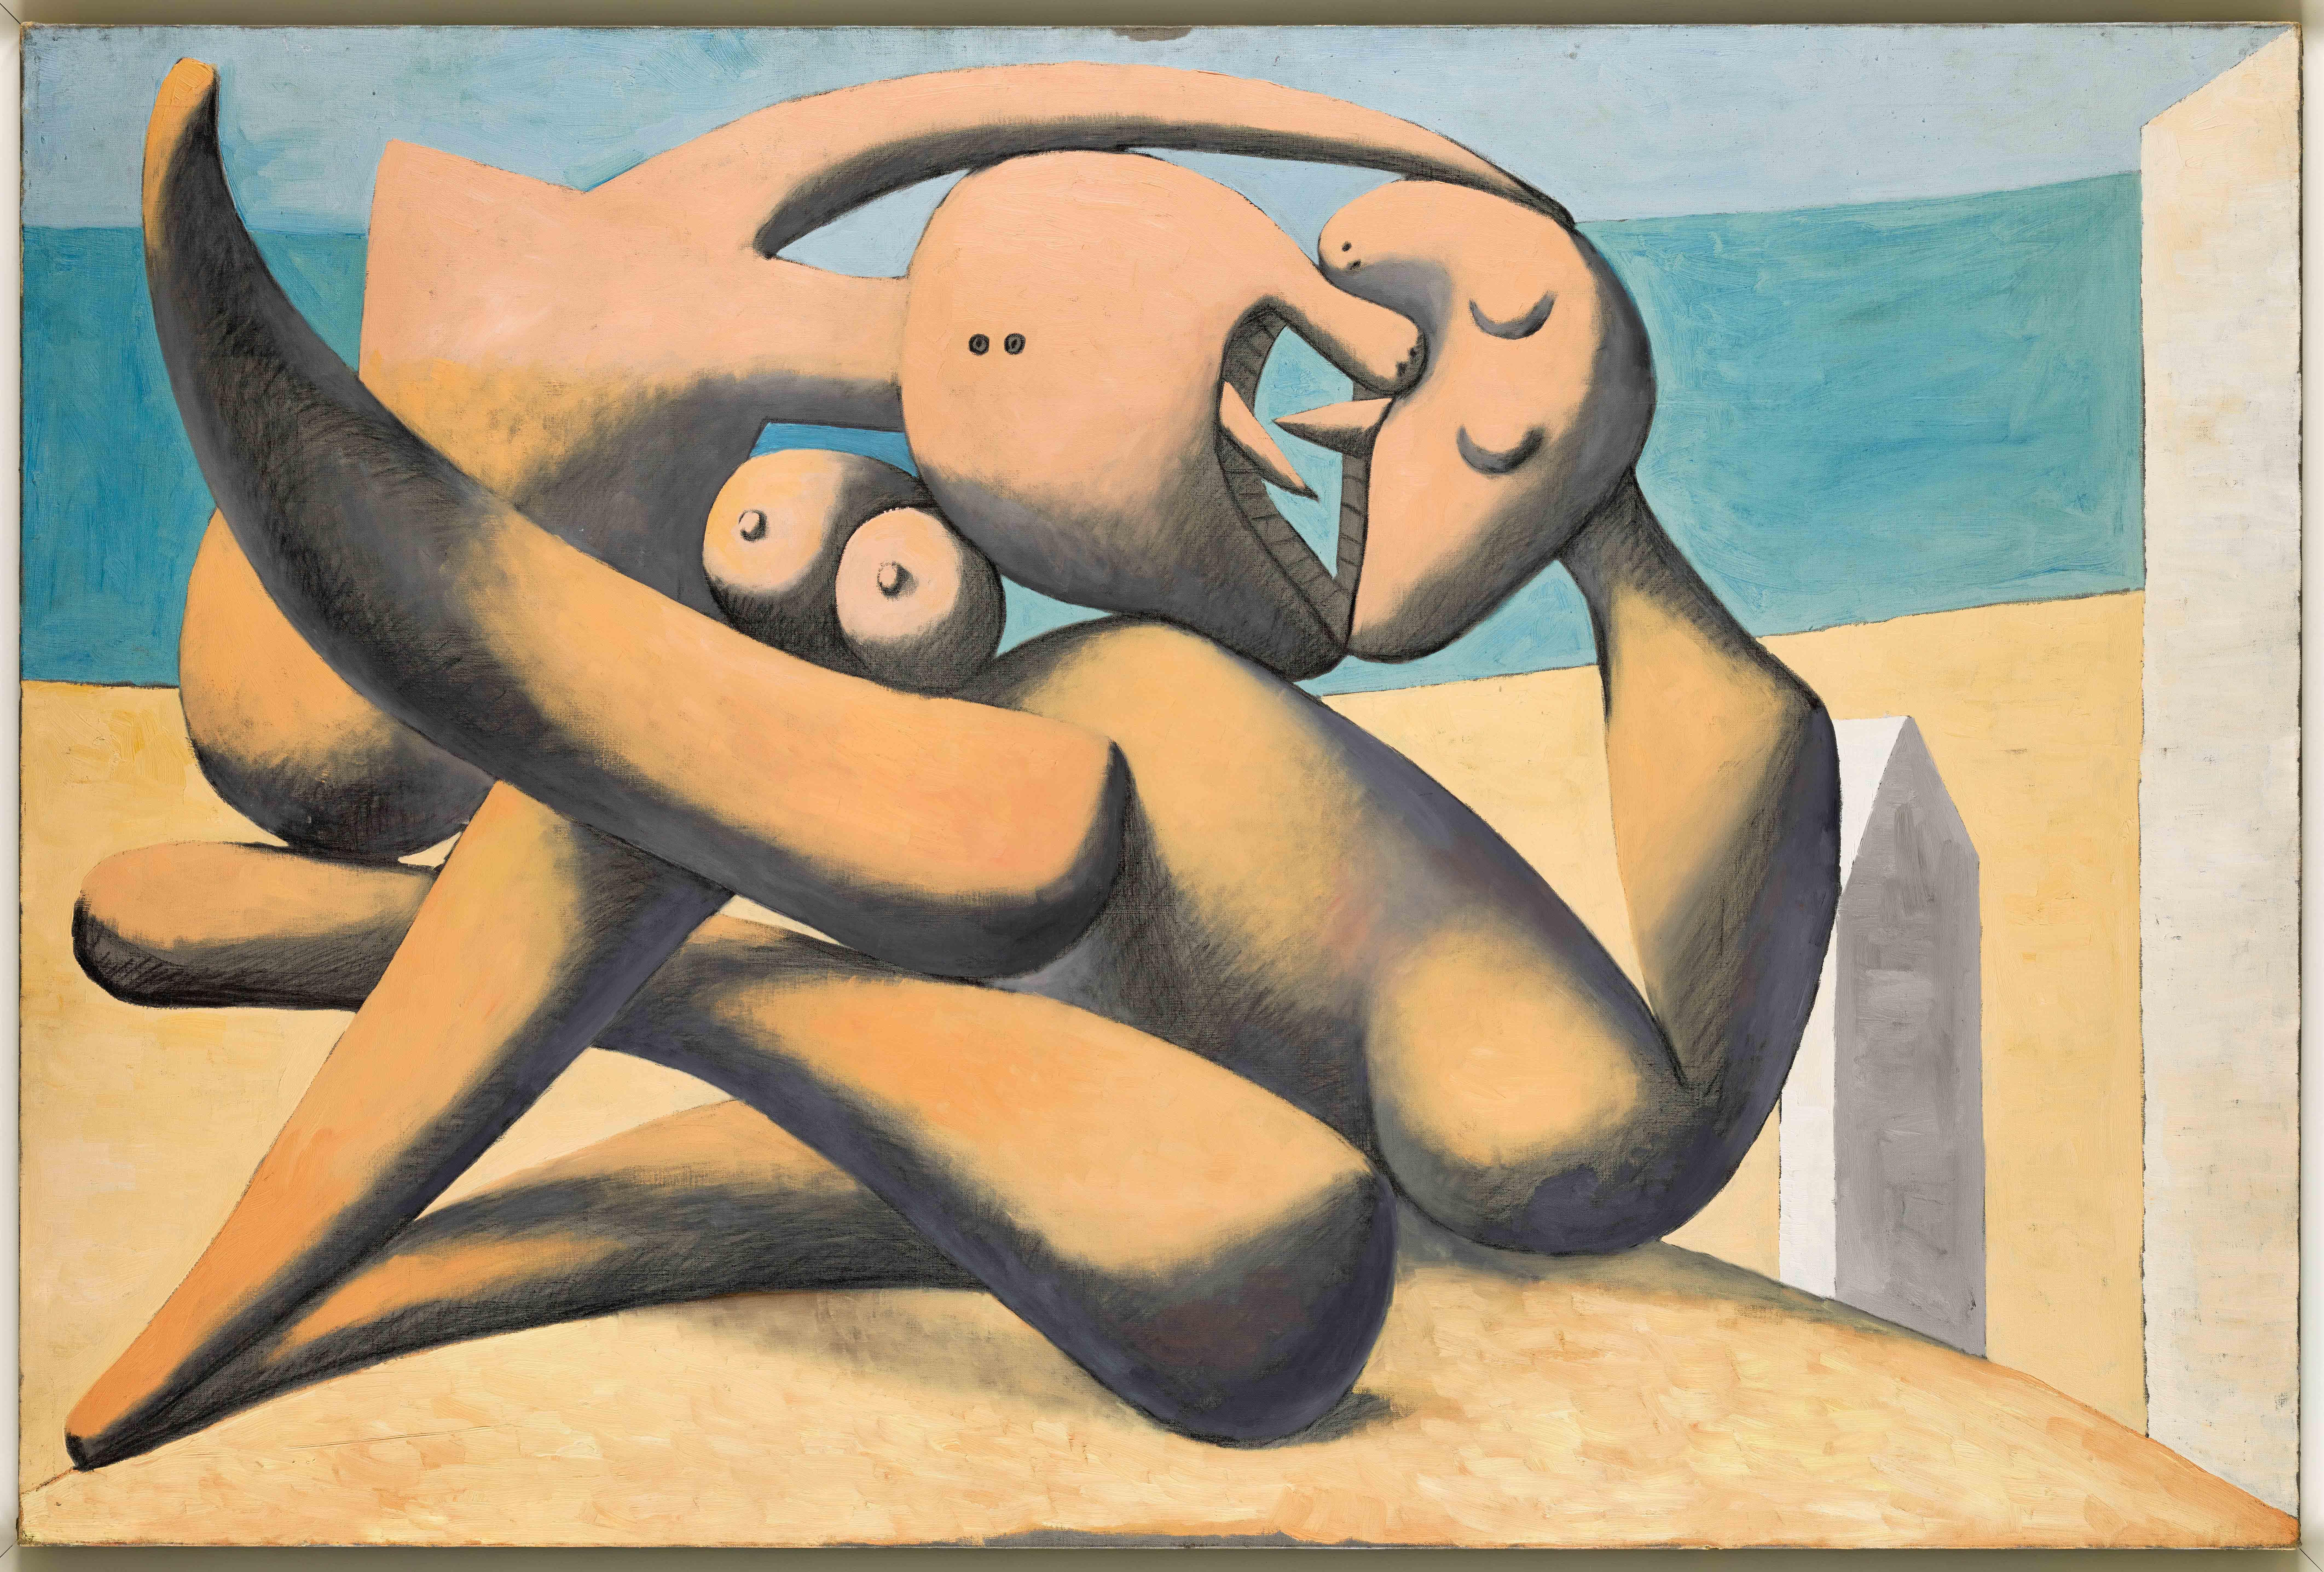 Пабло Пикассо. Фигуры наберегу моря. 12 января 1931. Национальный музей Пикассо, Париж